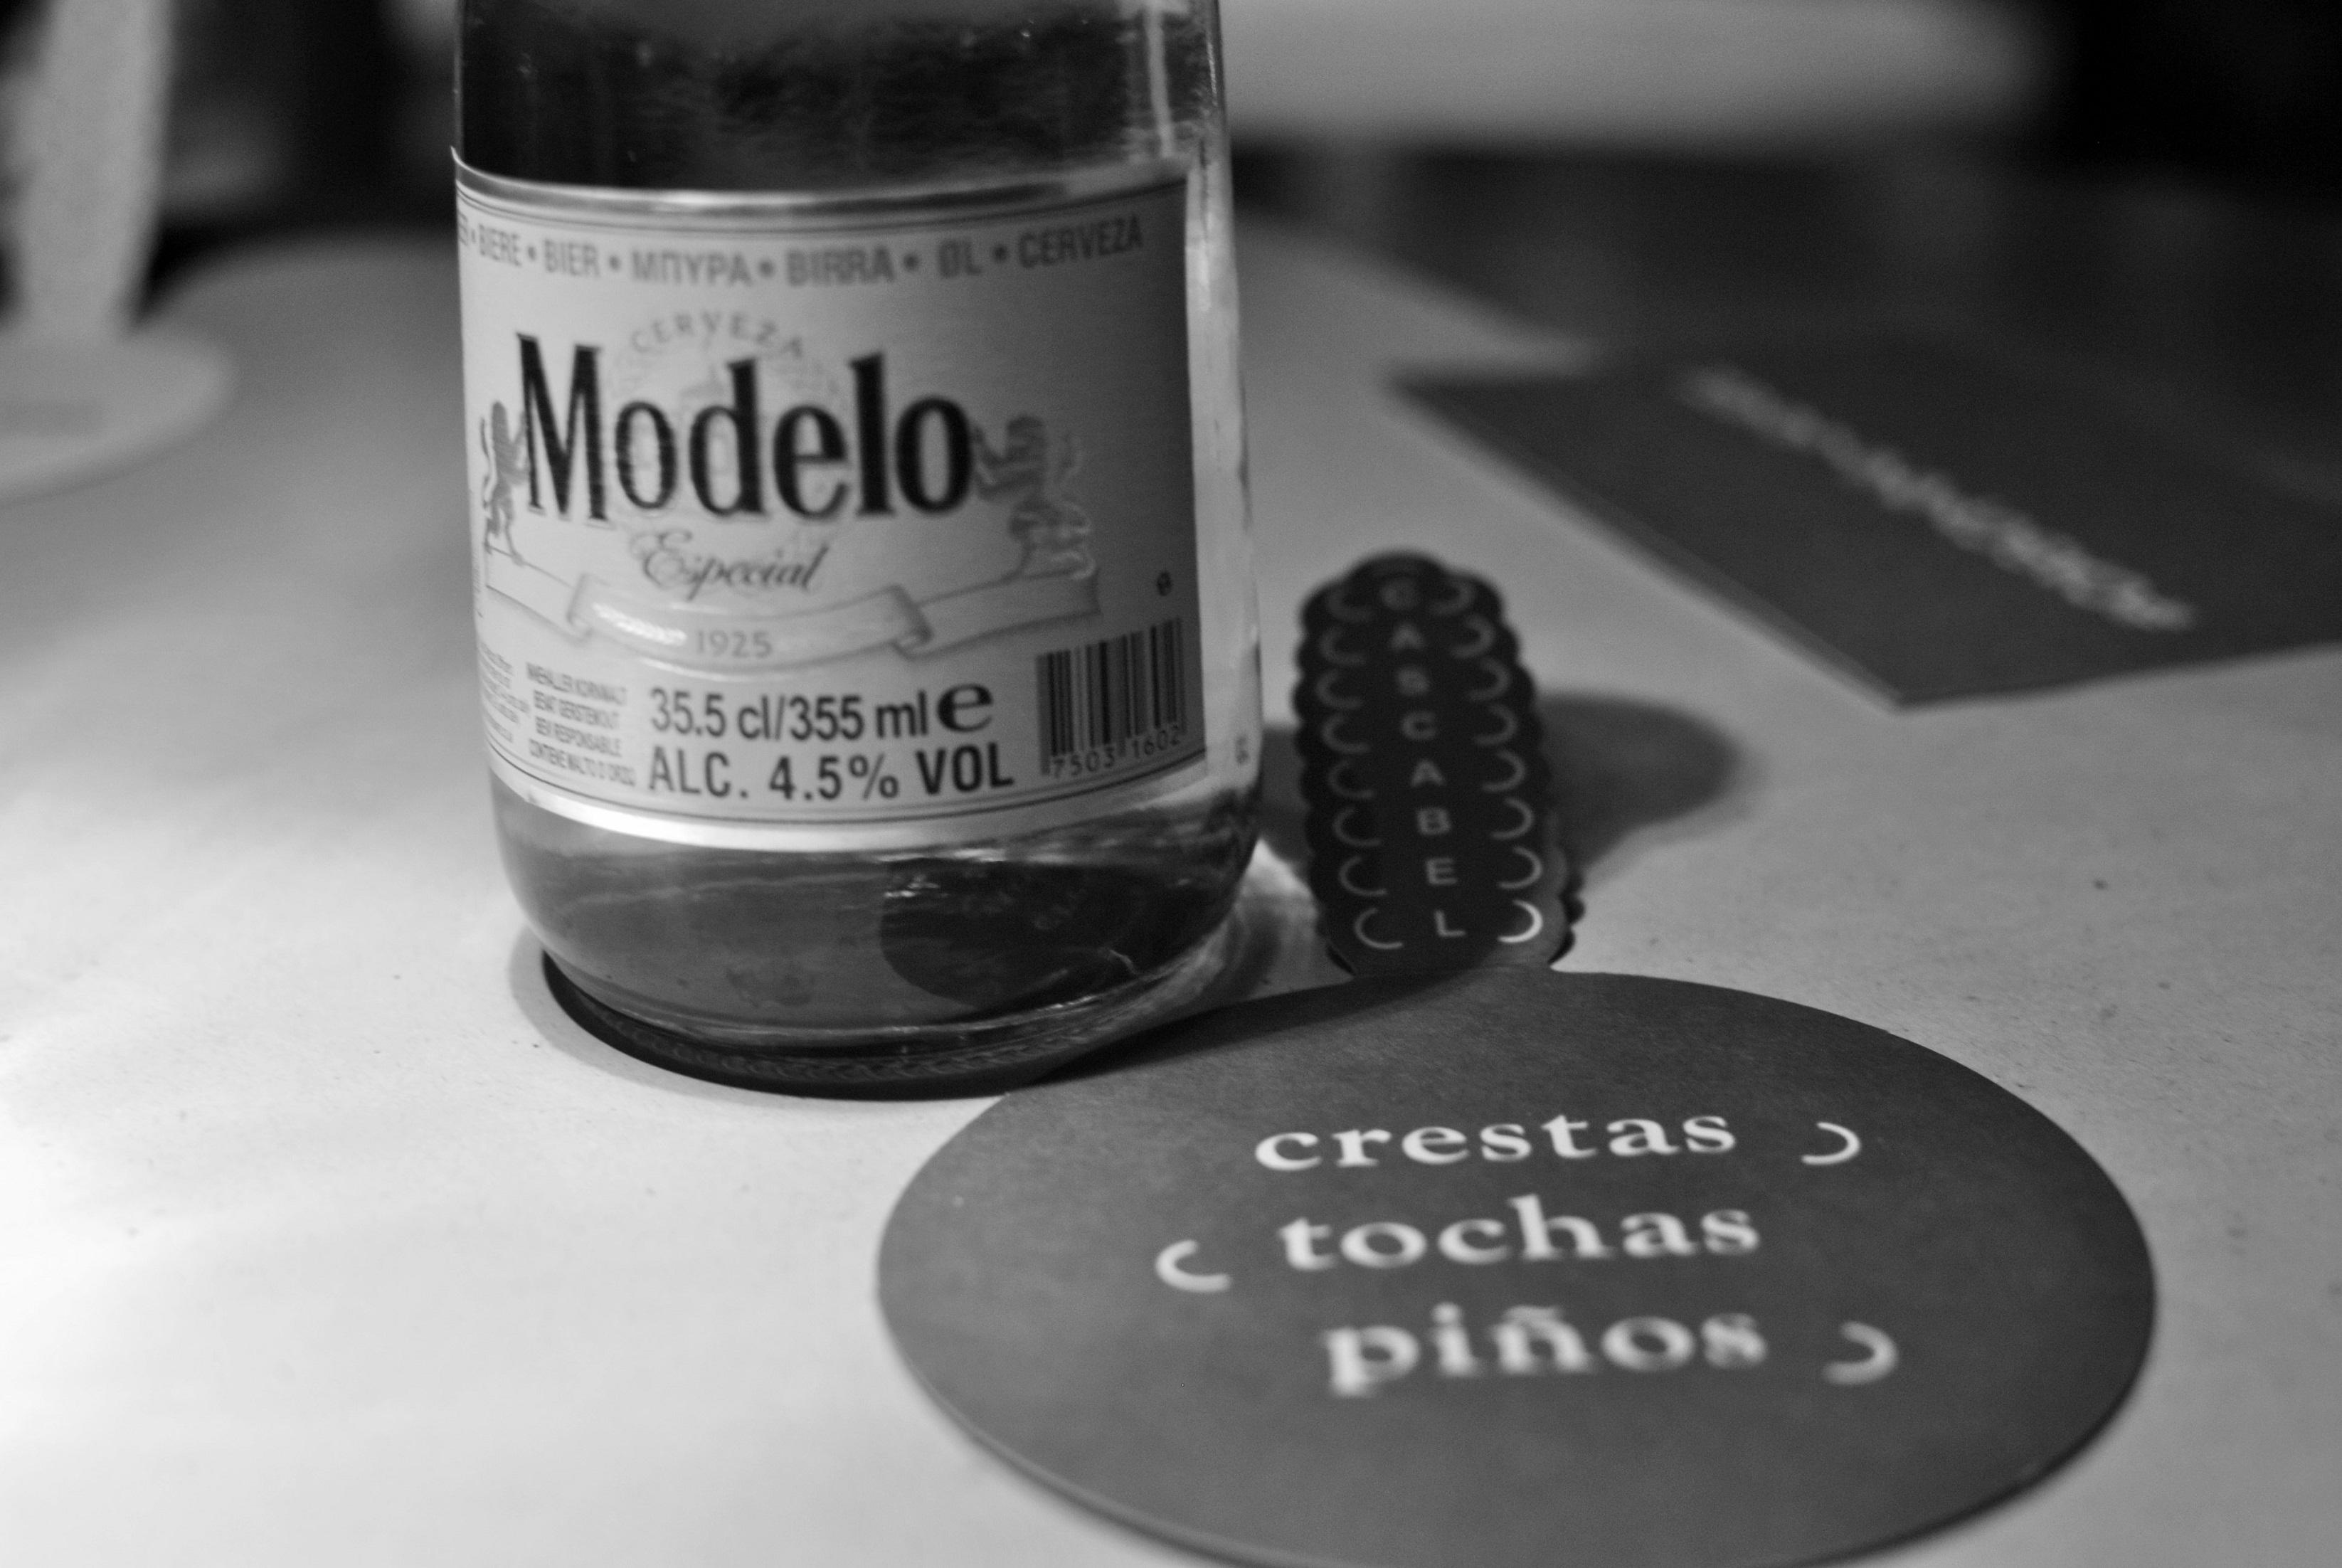 Modelo_Cascabel